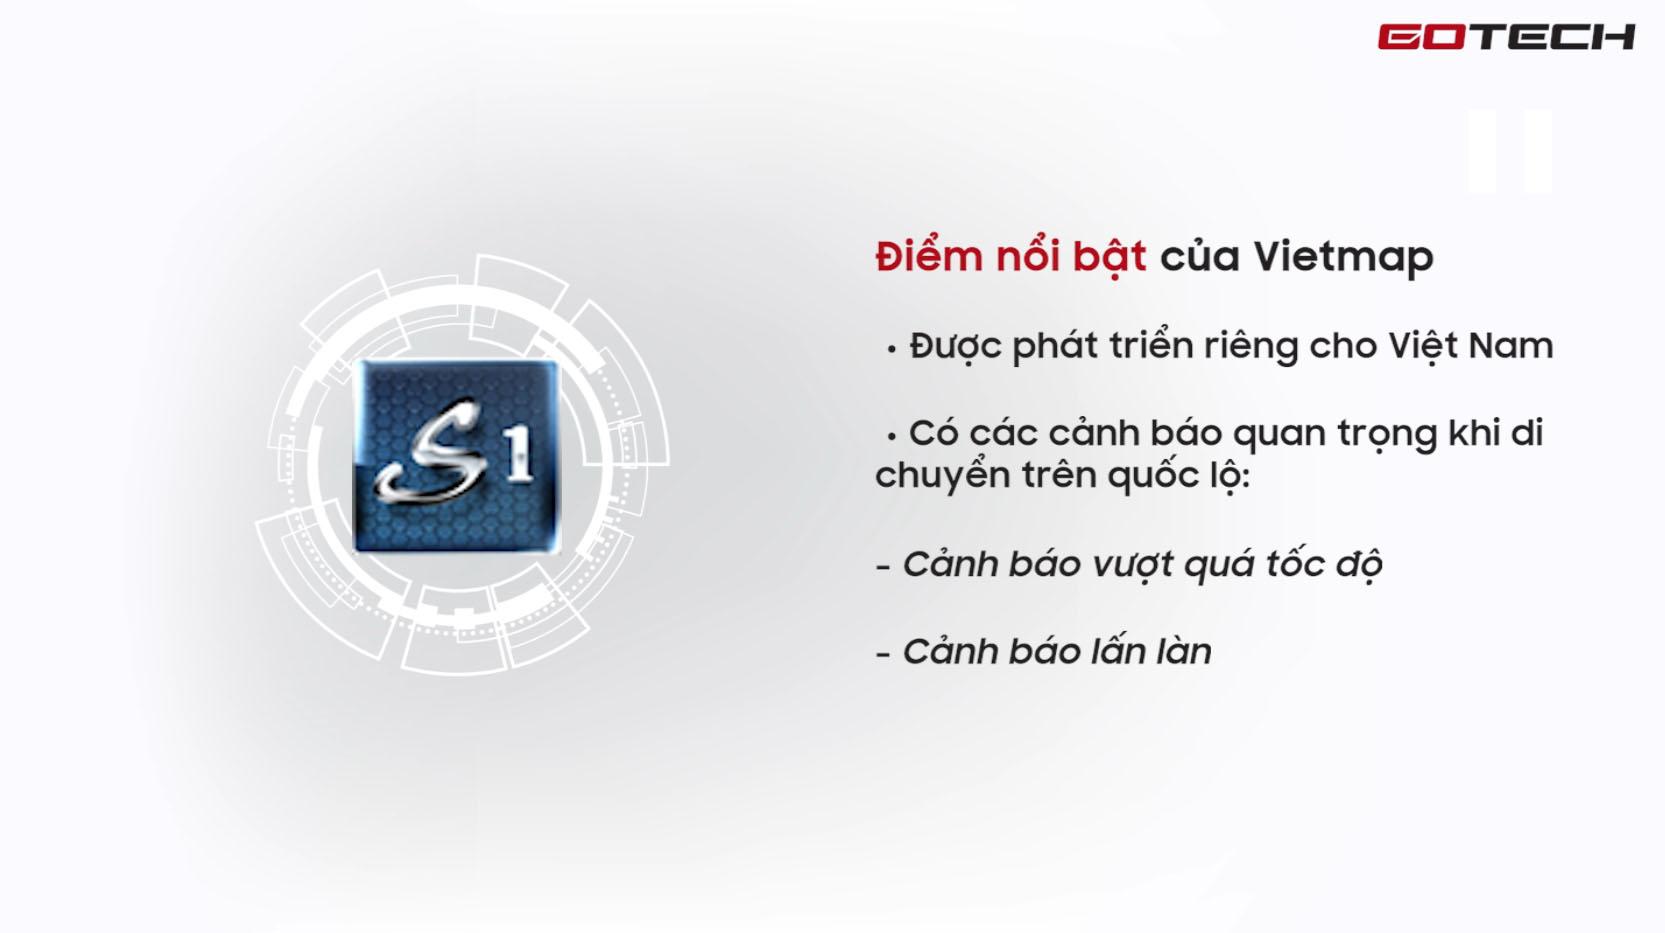 Lợi ích của việc sử dụng ứng dụng chỉ đường Vietmap trên màn hình GOTECH